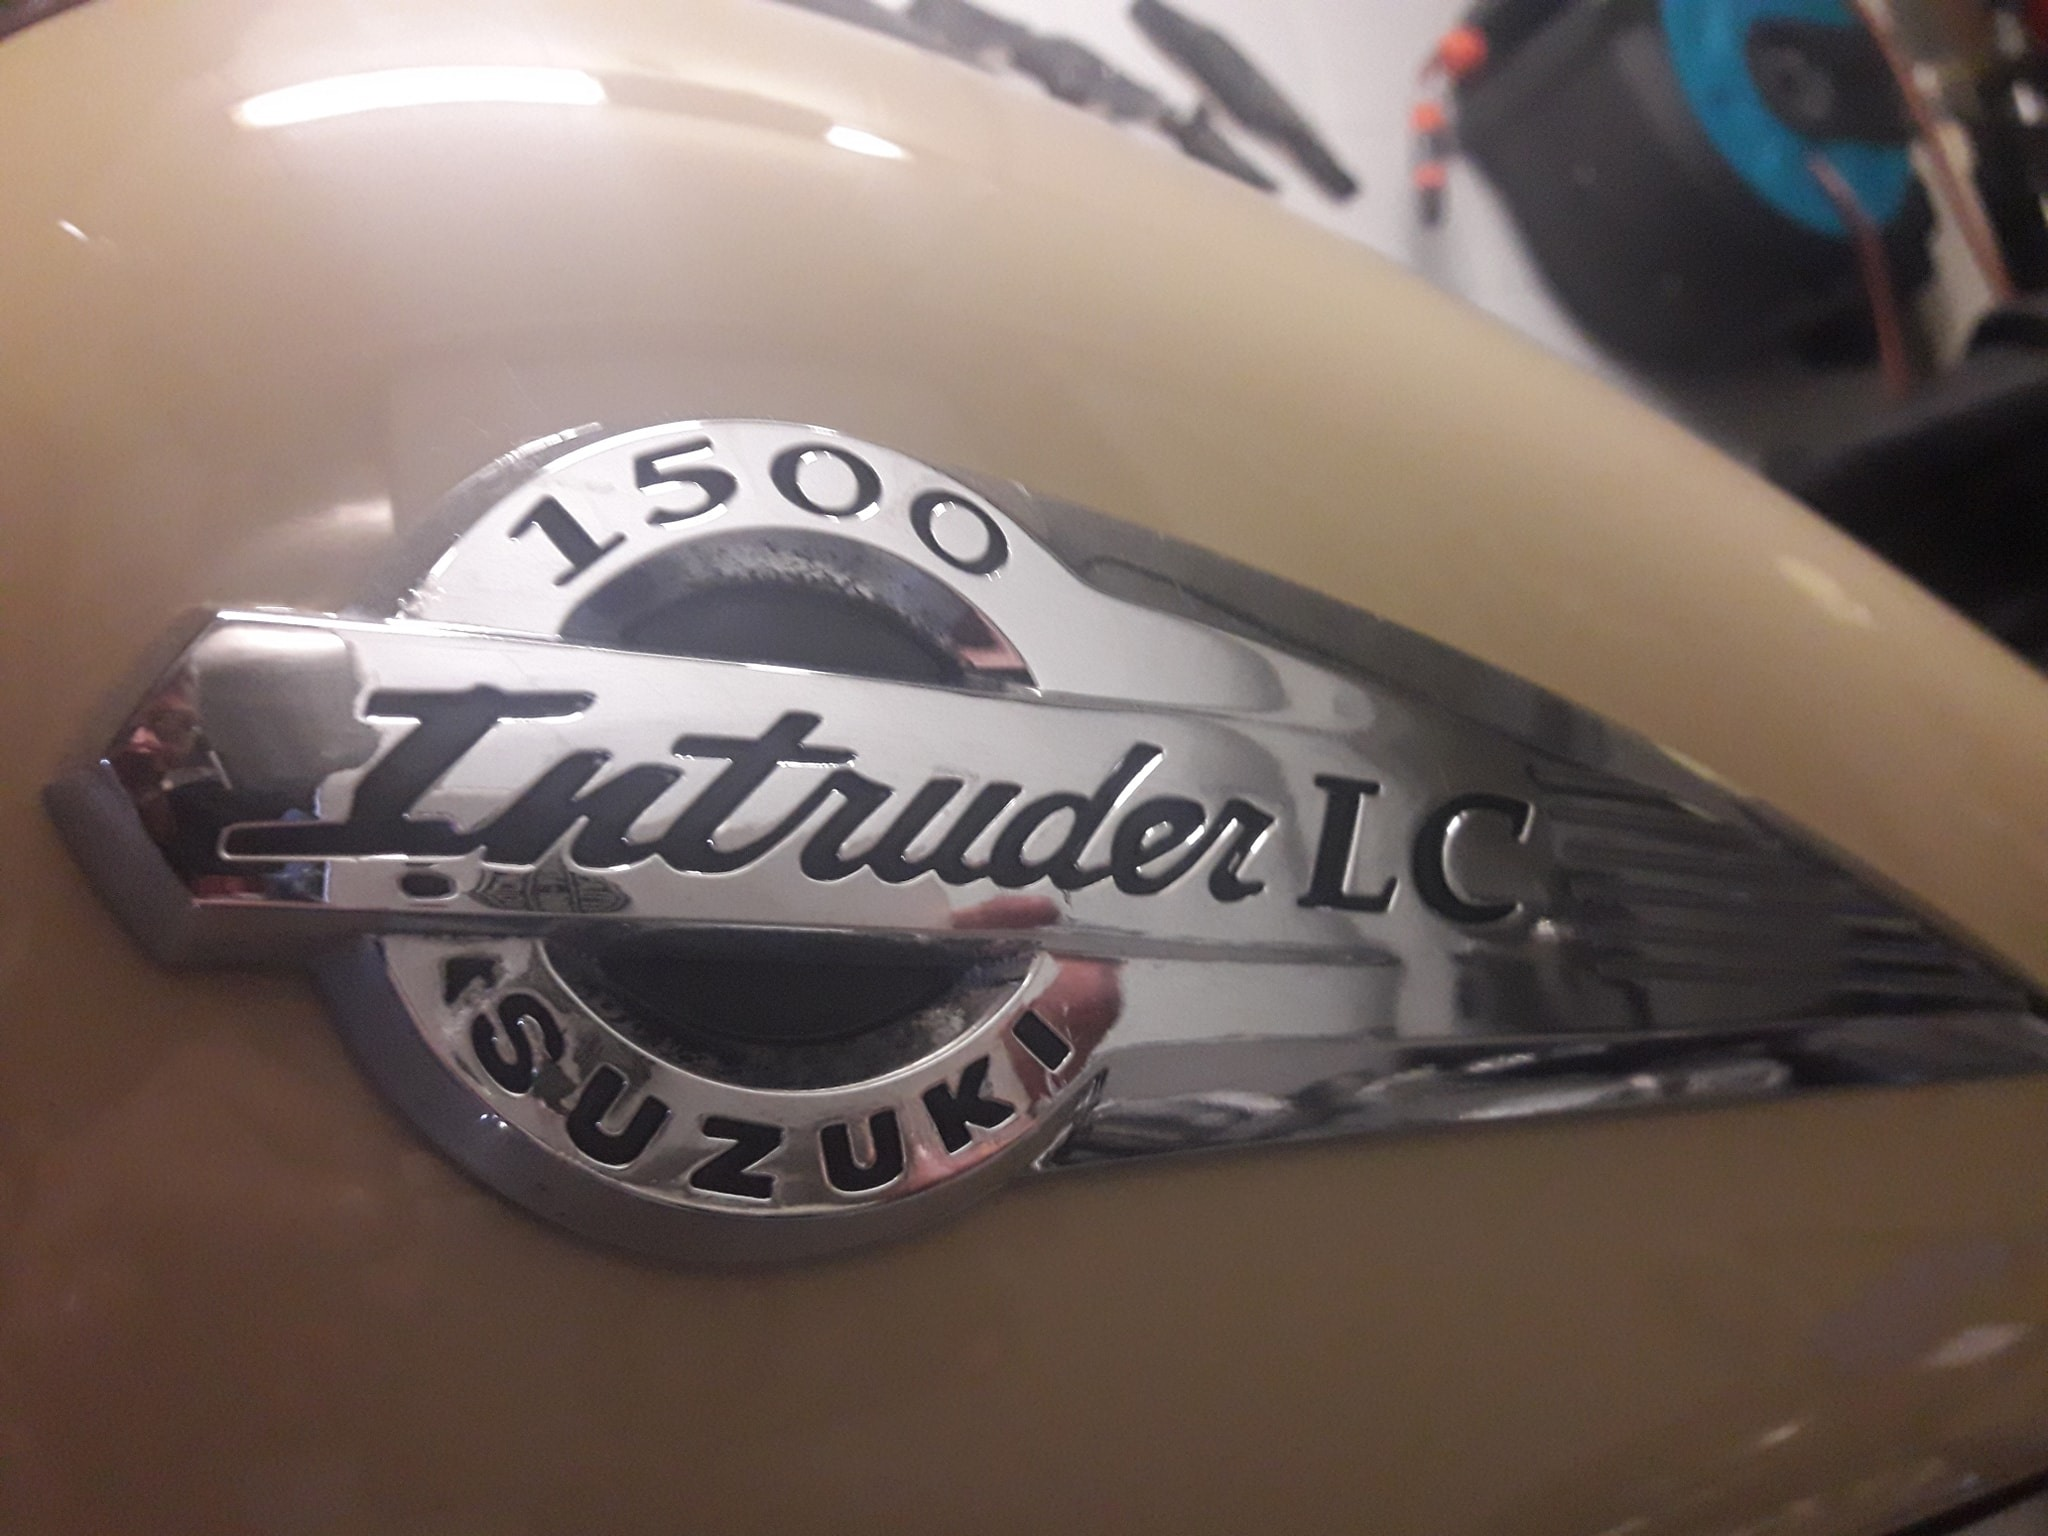 Suzuki-Intruder-1